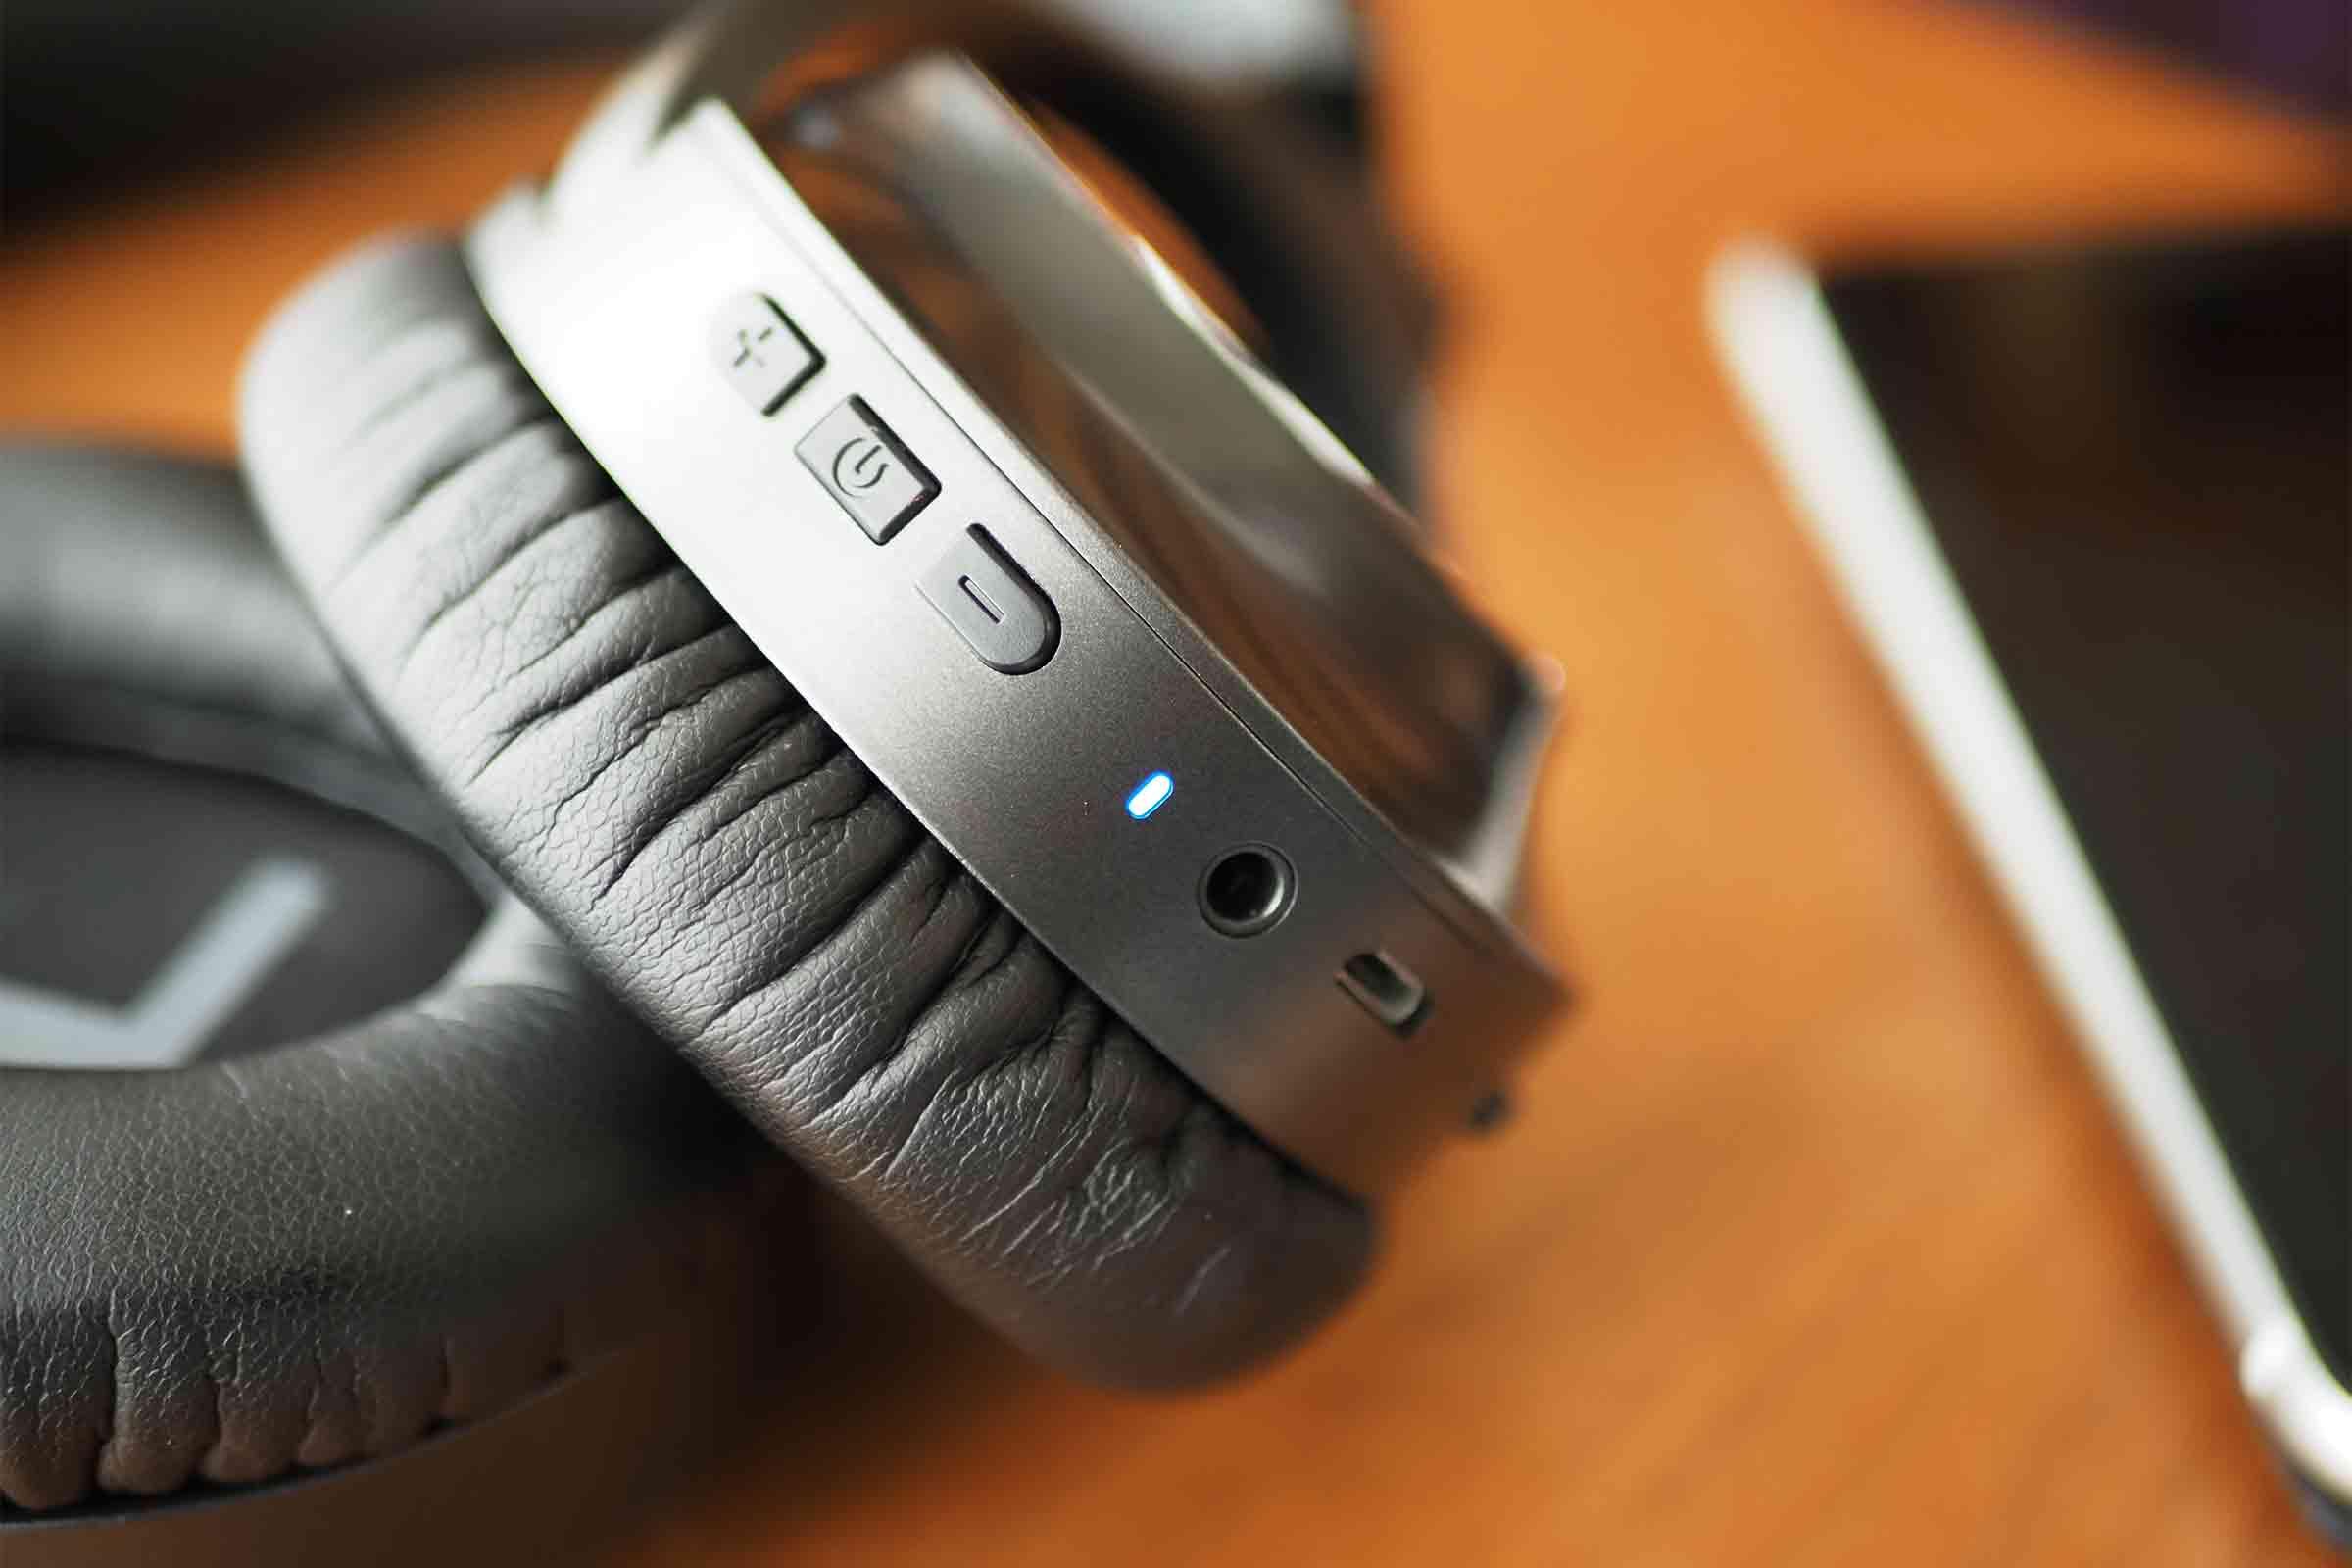 ワイヤレスイヤホン,ワイヤレスヘッドホン,vankyo,ノイズキャンセリング,音質,高音質,低音,安い,短い